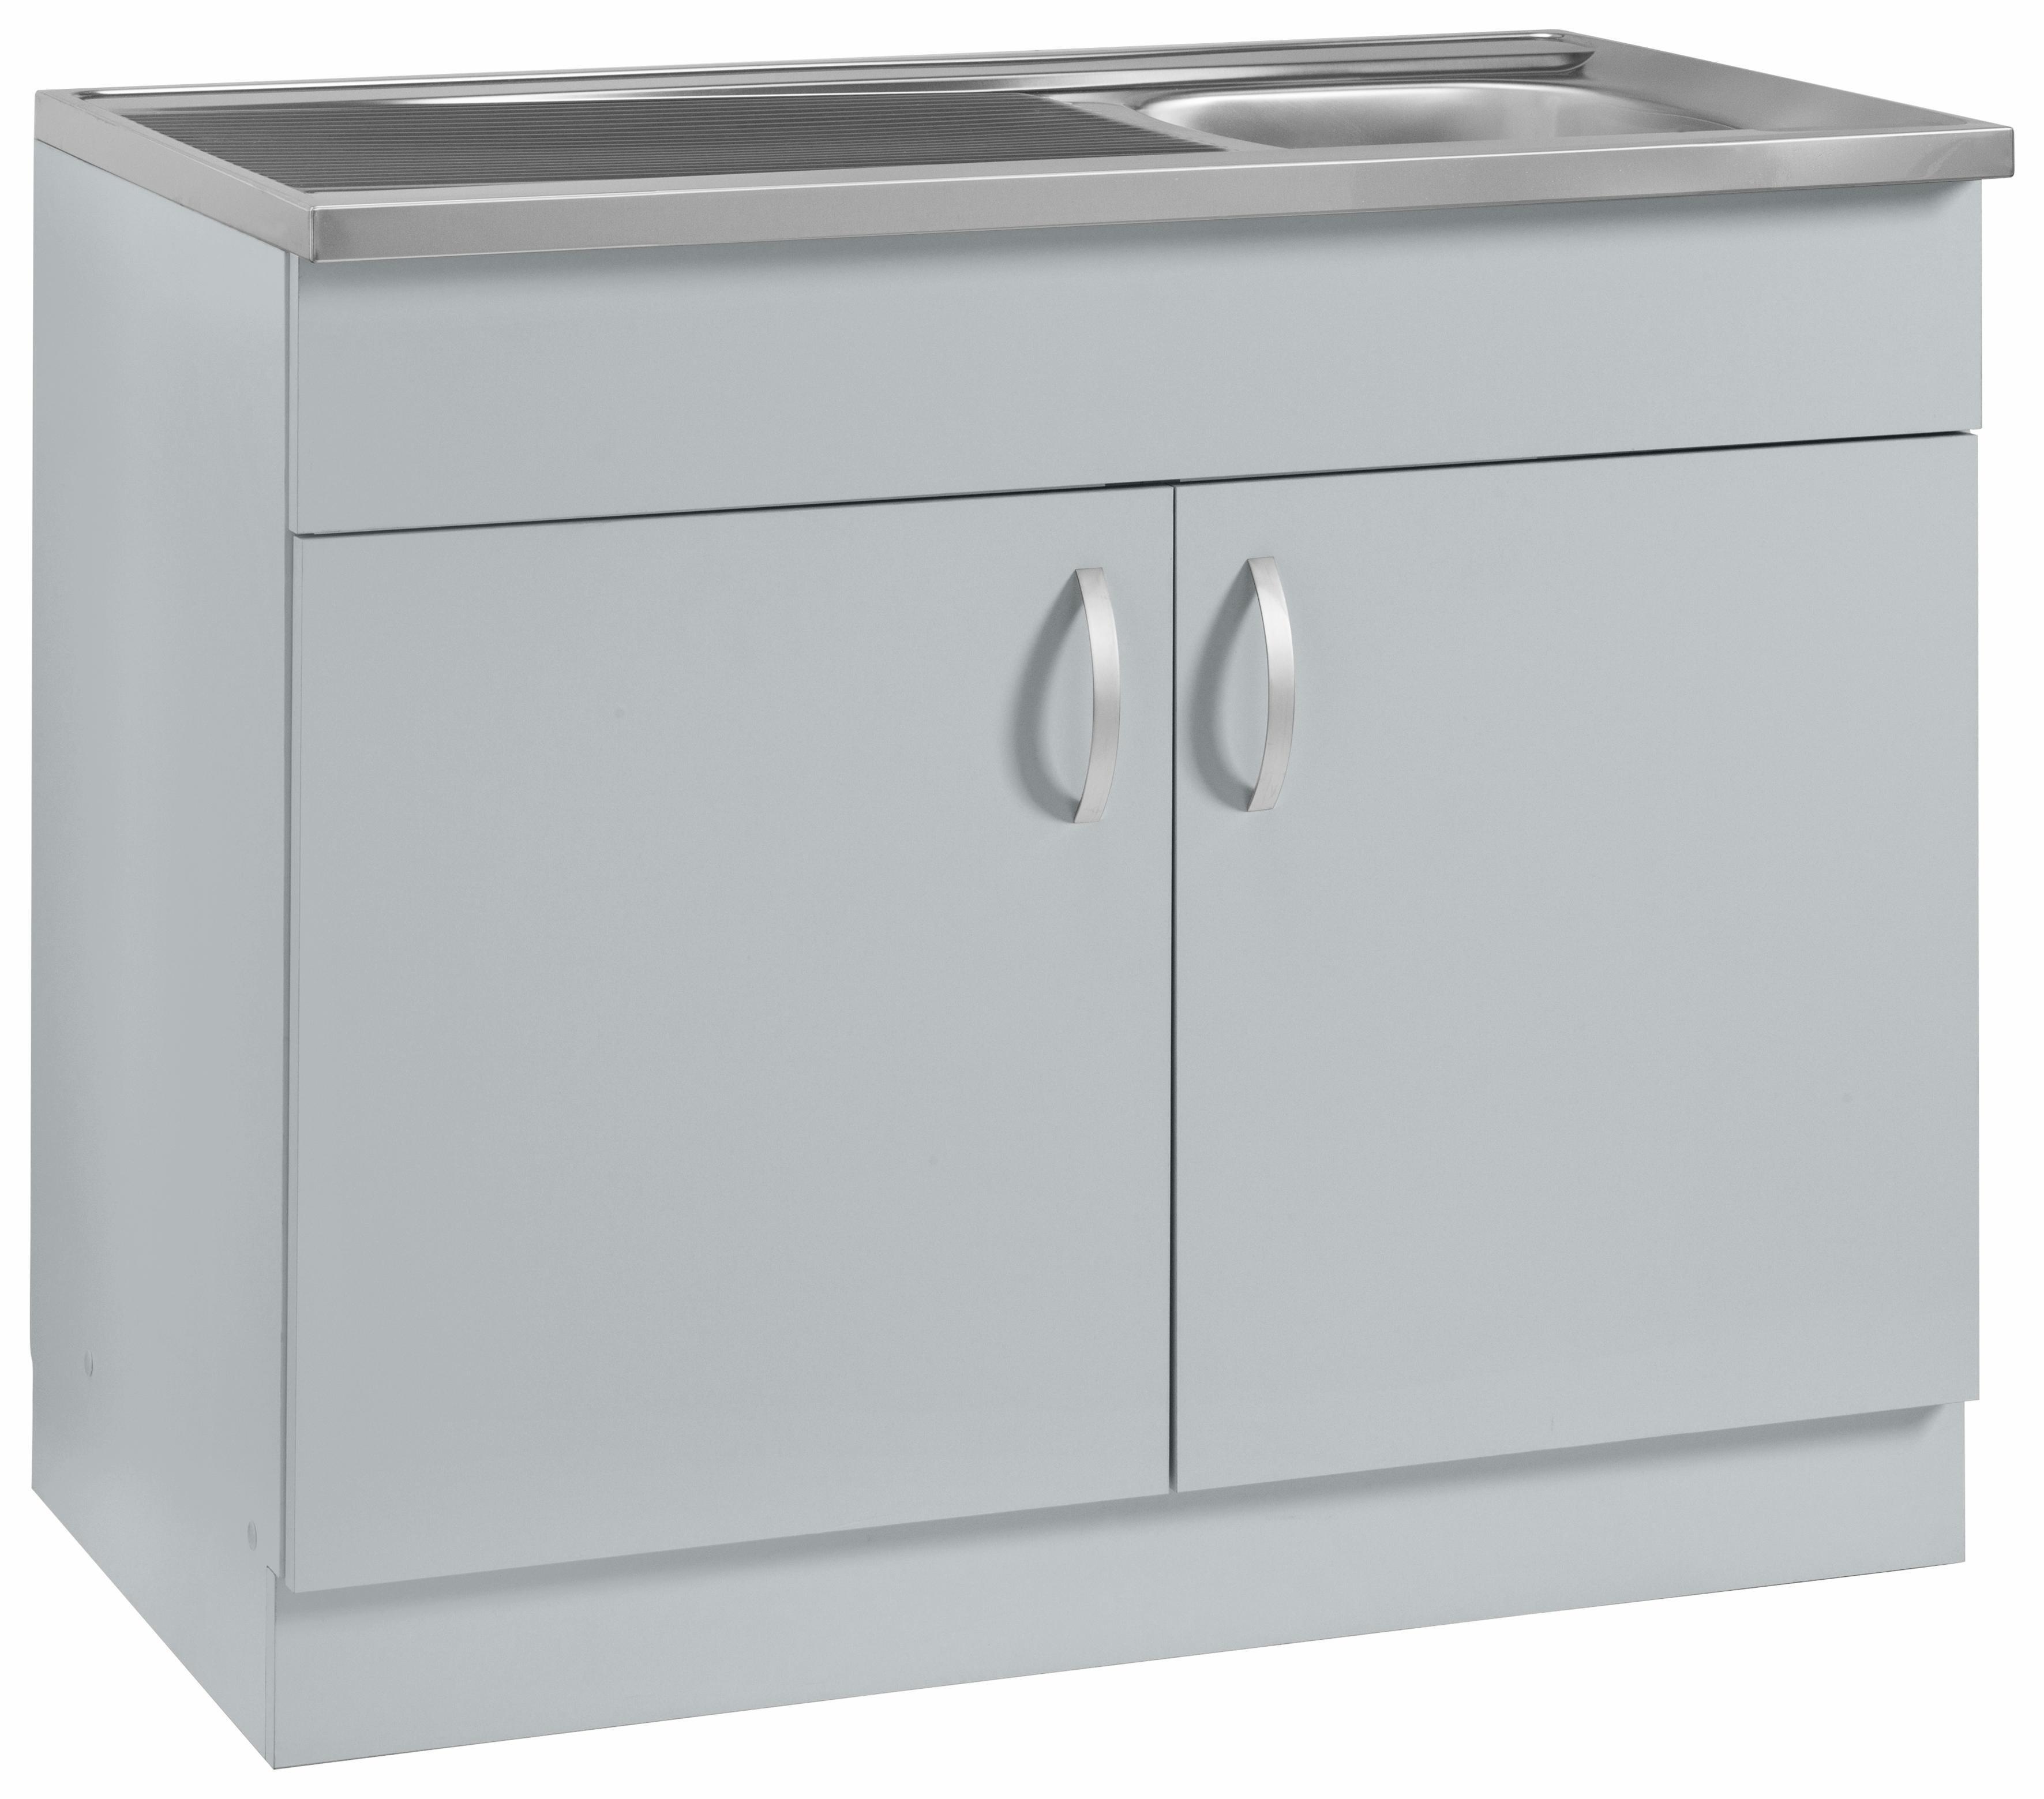 Spülenschrank »Amrum« | Küche und Esszimmer > Küchenschränke > Spülenschränke | Hellgrau - Weiß - Rot - Schwarz - Lila | Glänzend - Melamin | wiho Küchen